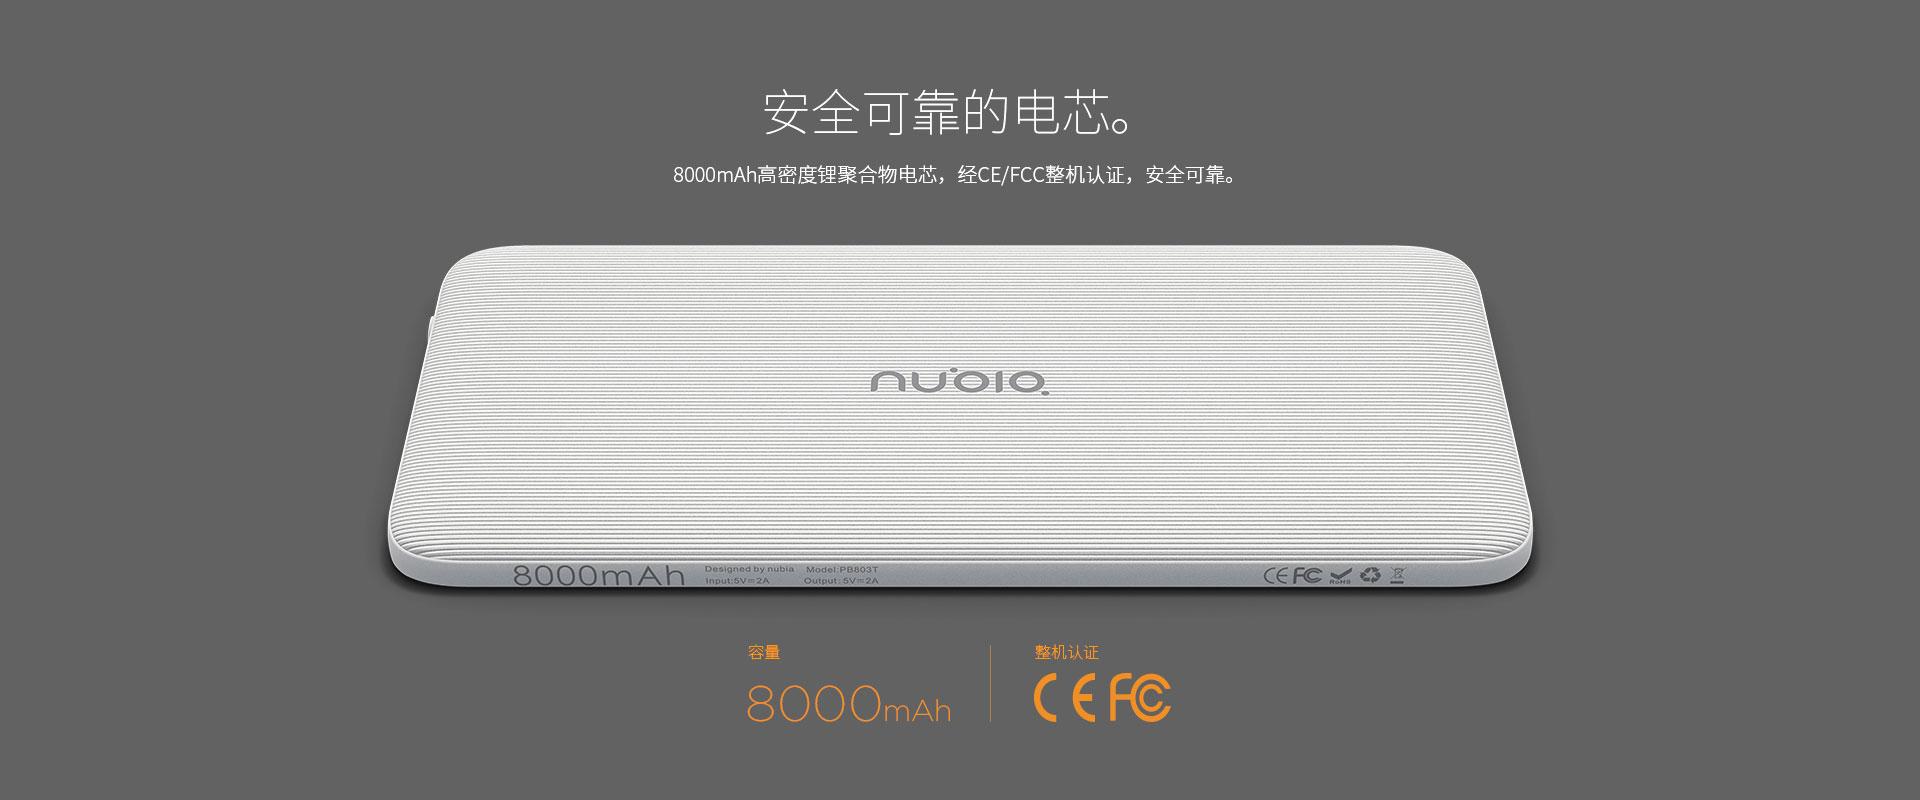 努比亚便携移动电源